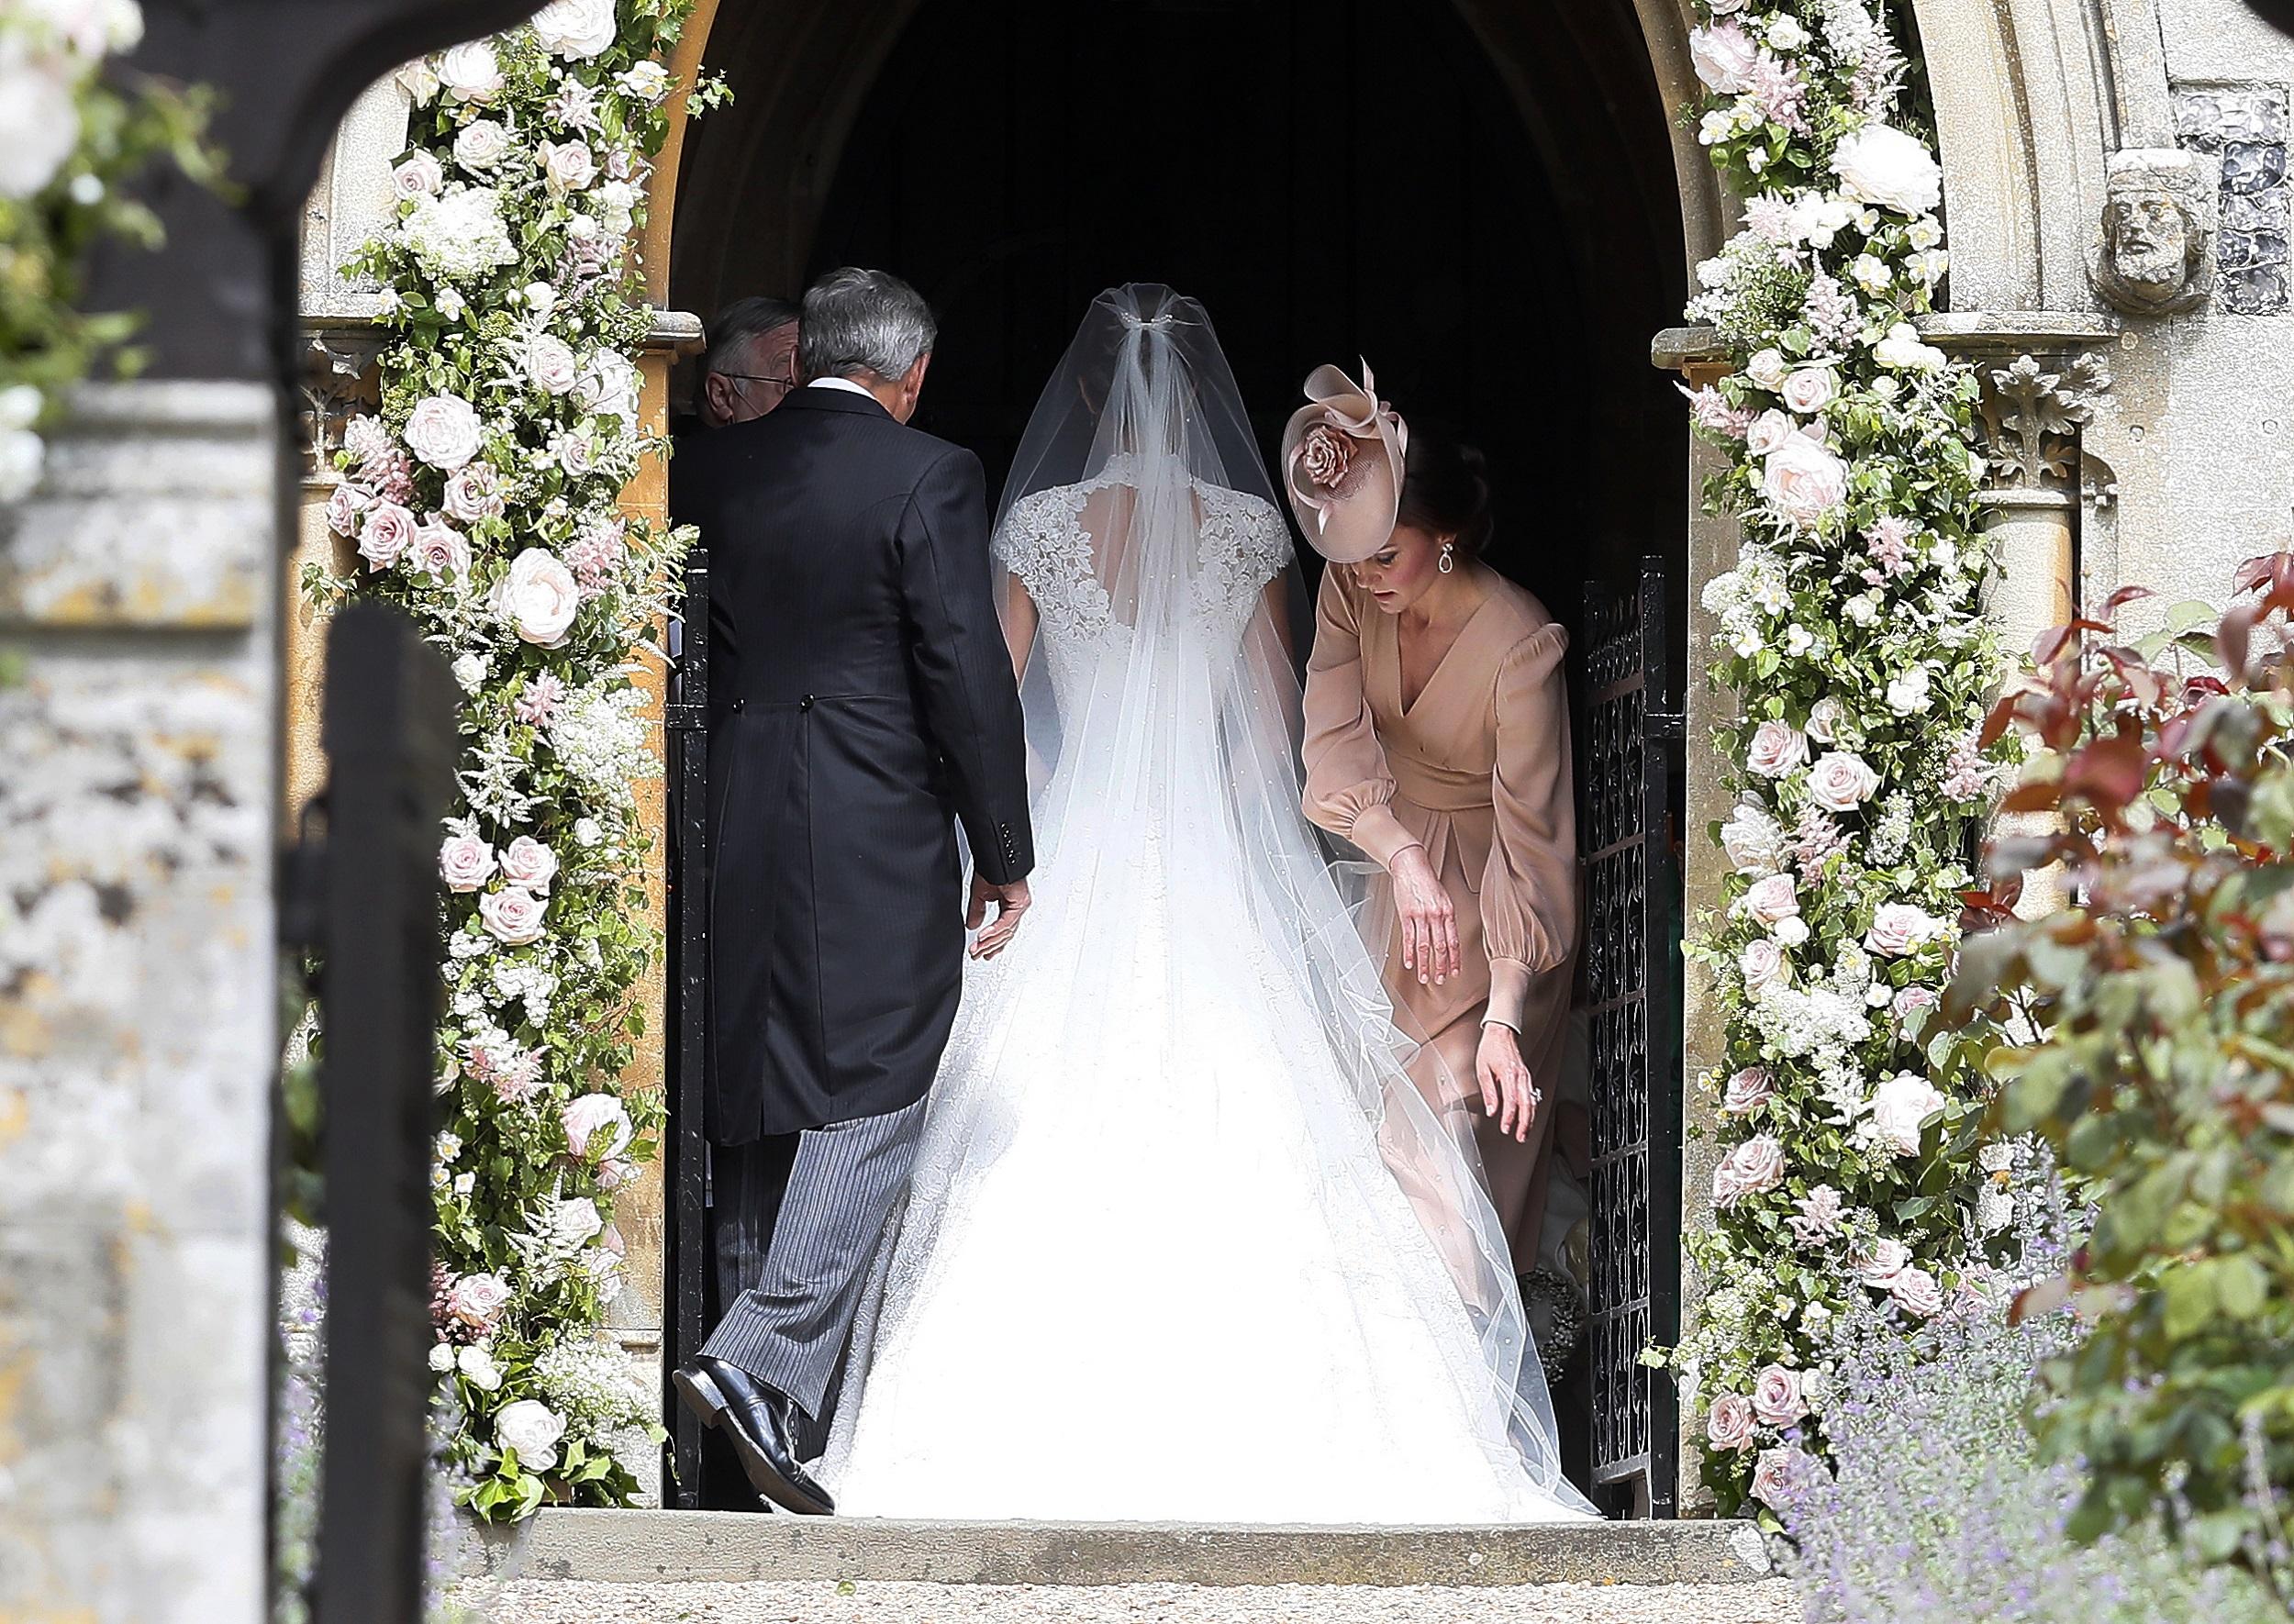 Kate acompaña a su hermana antes del desfile nupcial en la capilla. (AP Photo/Kirsty Wigglesworth, Pool)